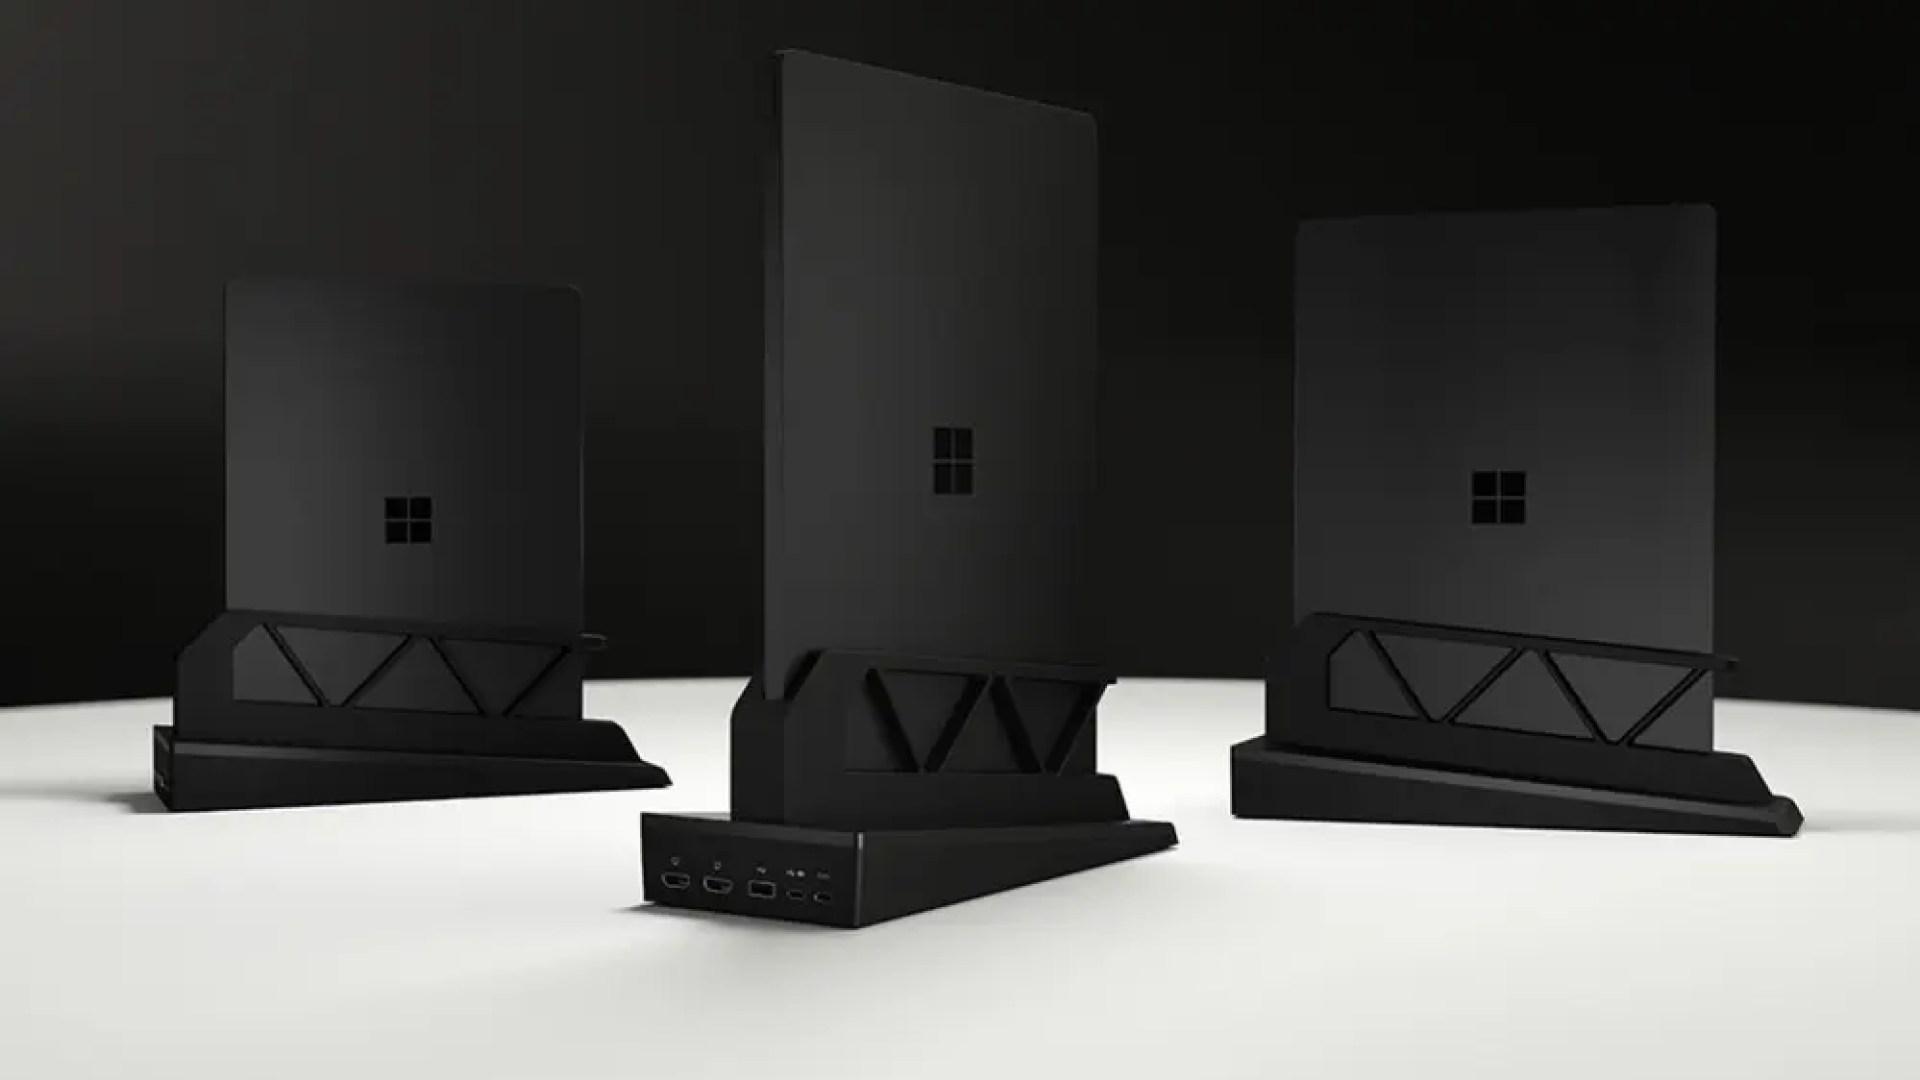 Three Surface Laptop Docks in variying sizes.